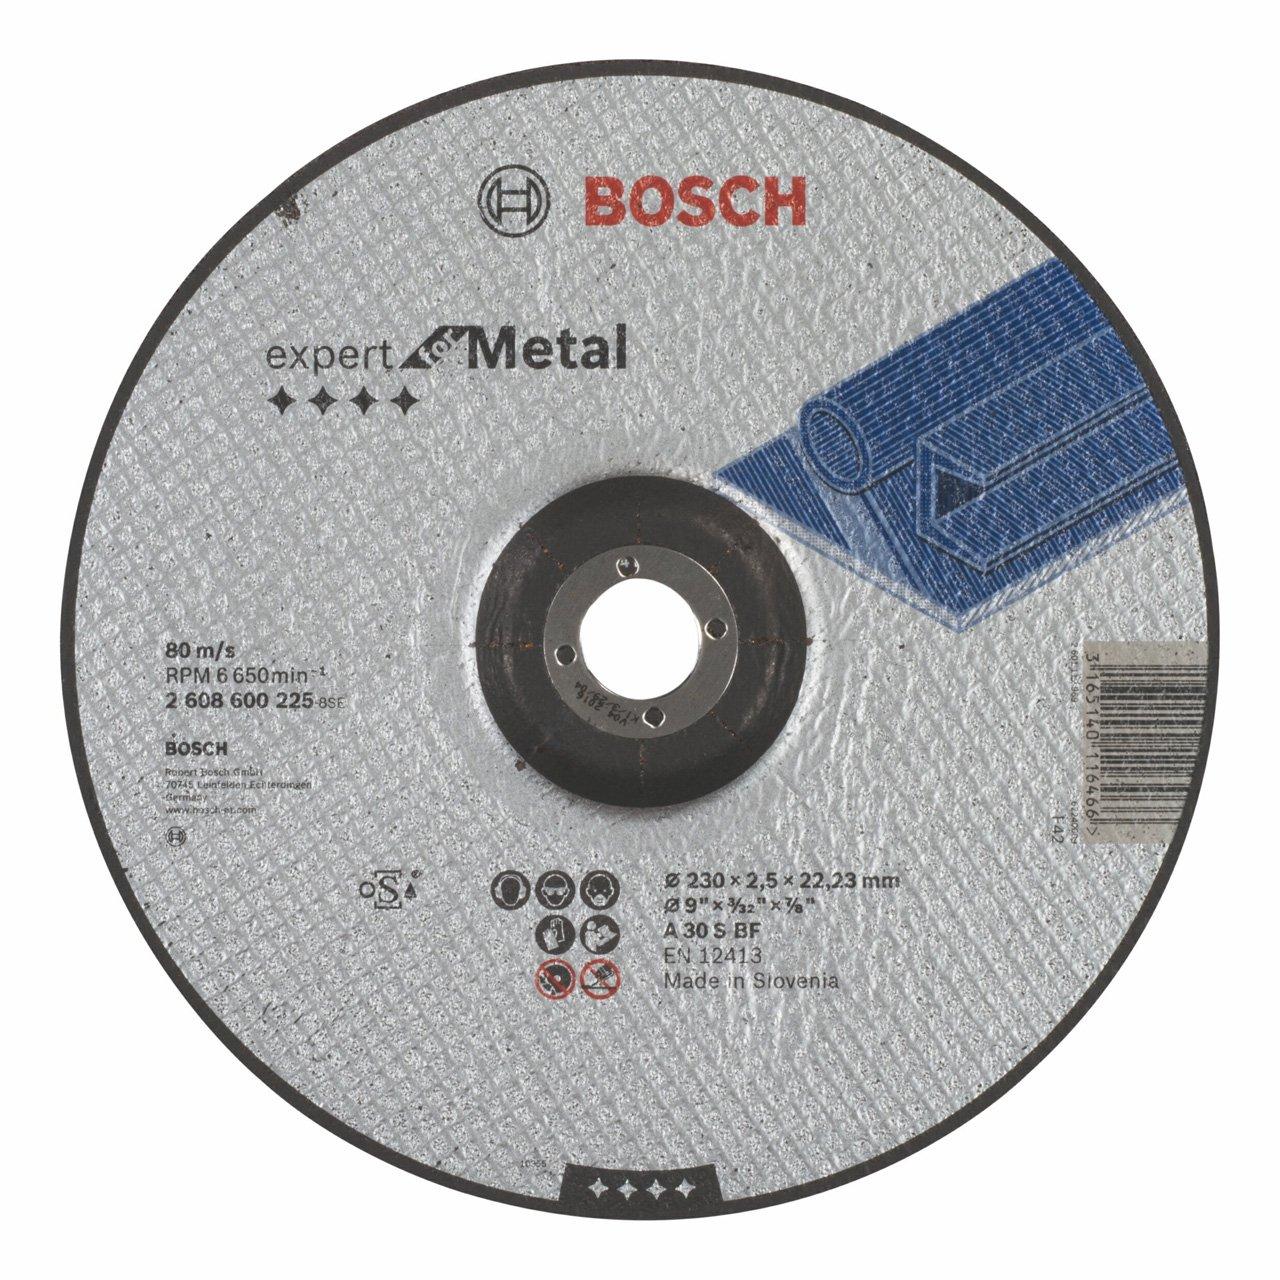 A 30 S BF pack de 1 Disco de corte acodado Expert for Metal 230 mm Bosch 2 608 600 225 2,5 mm